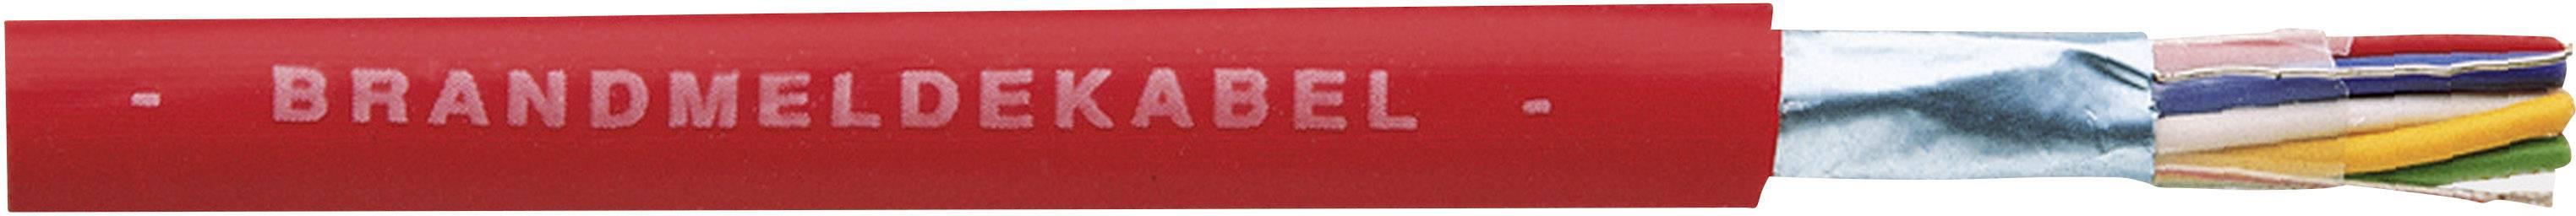 Kábel pre požiarne hlásiče J-Y(ST)Y Faber Kabel J-Y(ST)Y 100056, 2 x 2 x 0.8 mm, červená, metrový tovar